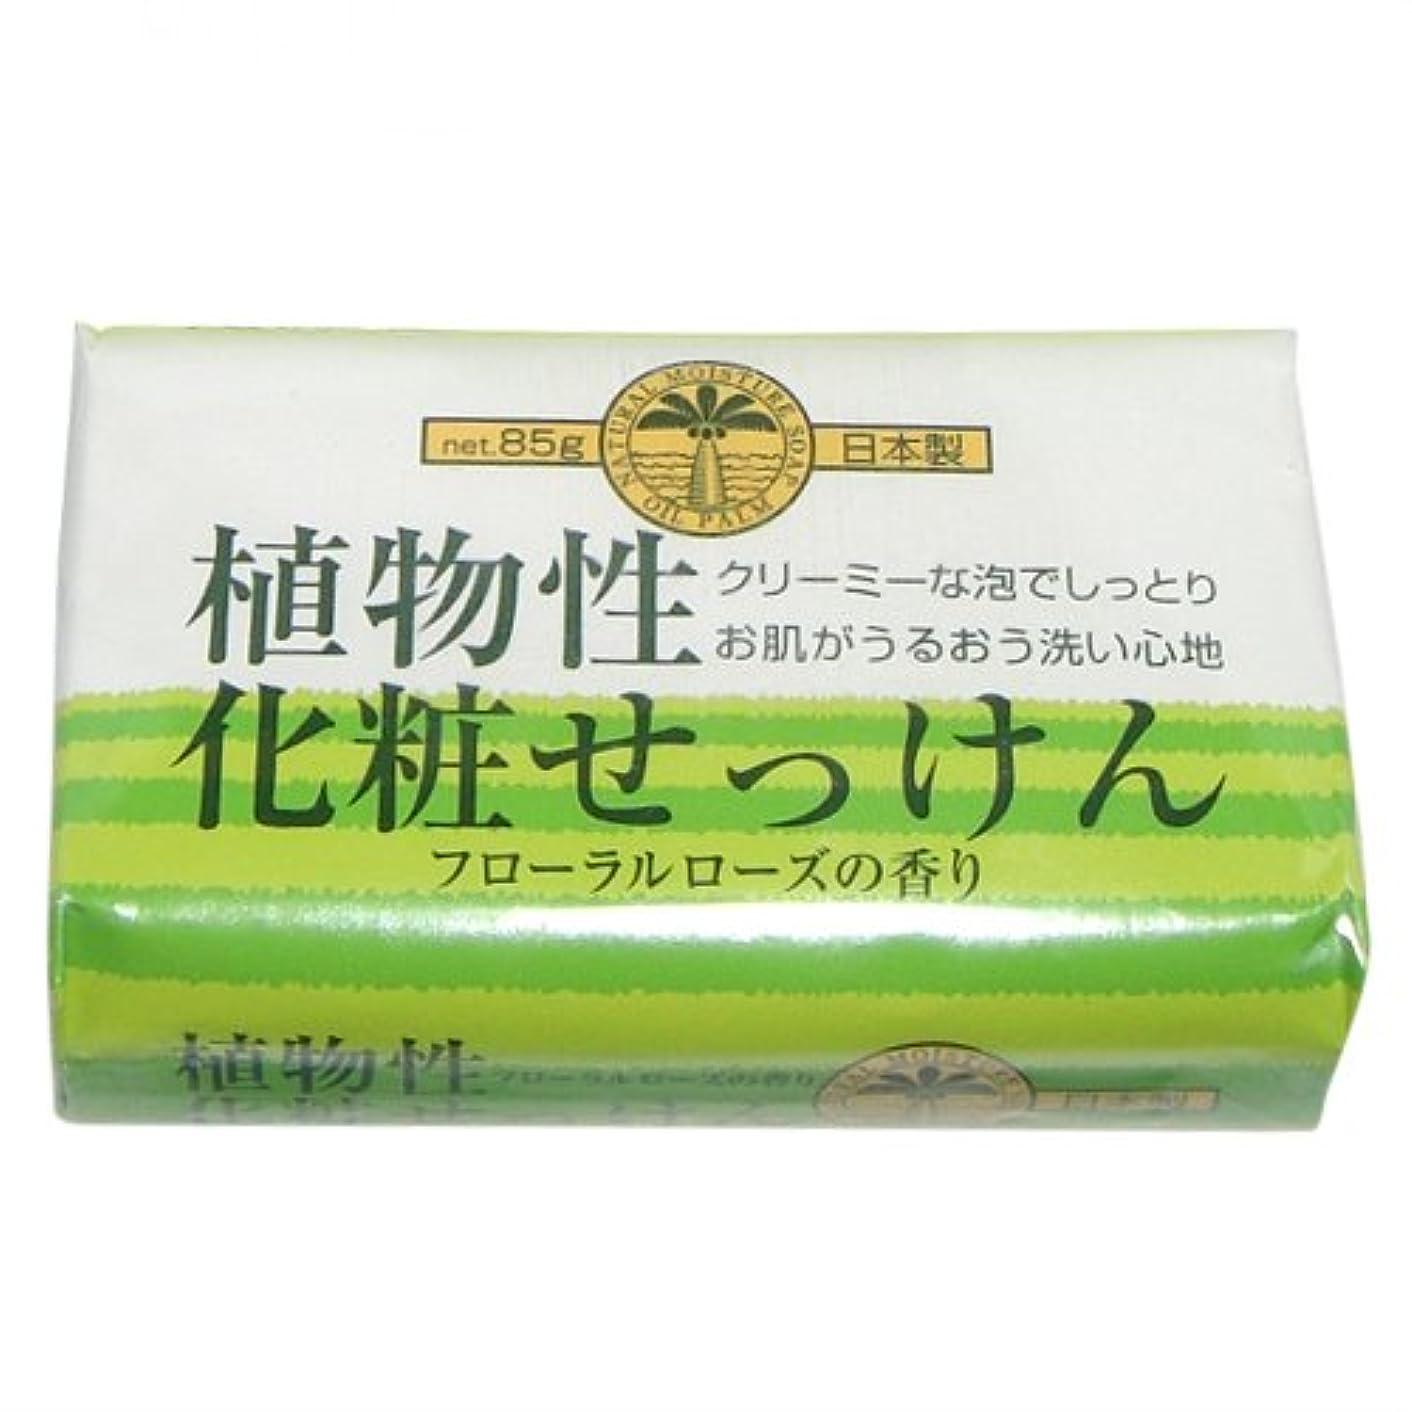 甘美な協力木植物性化粧石けん 85g 1個